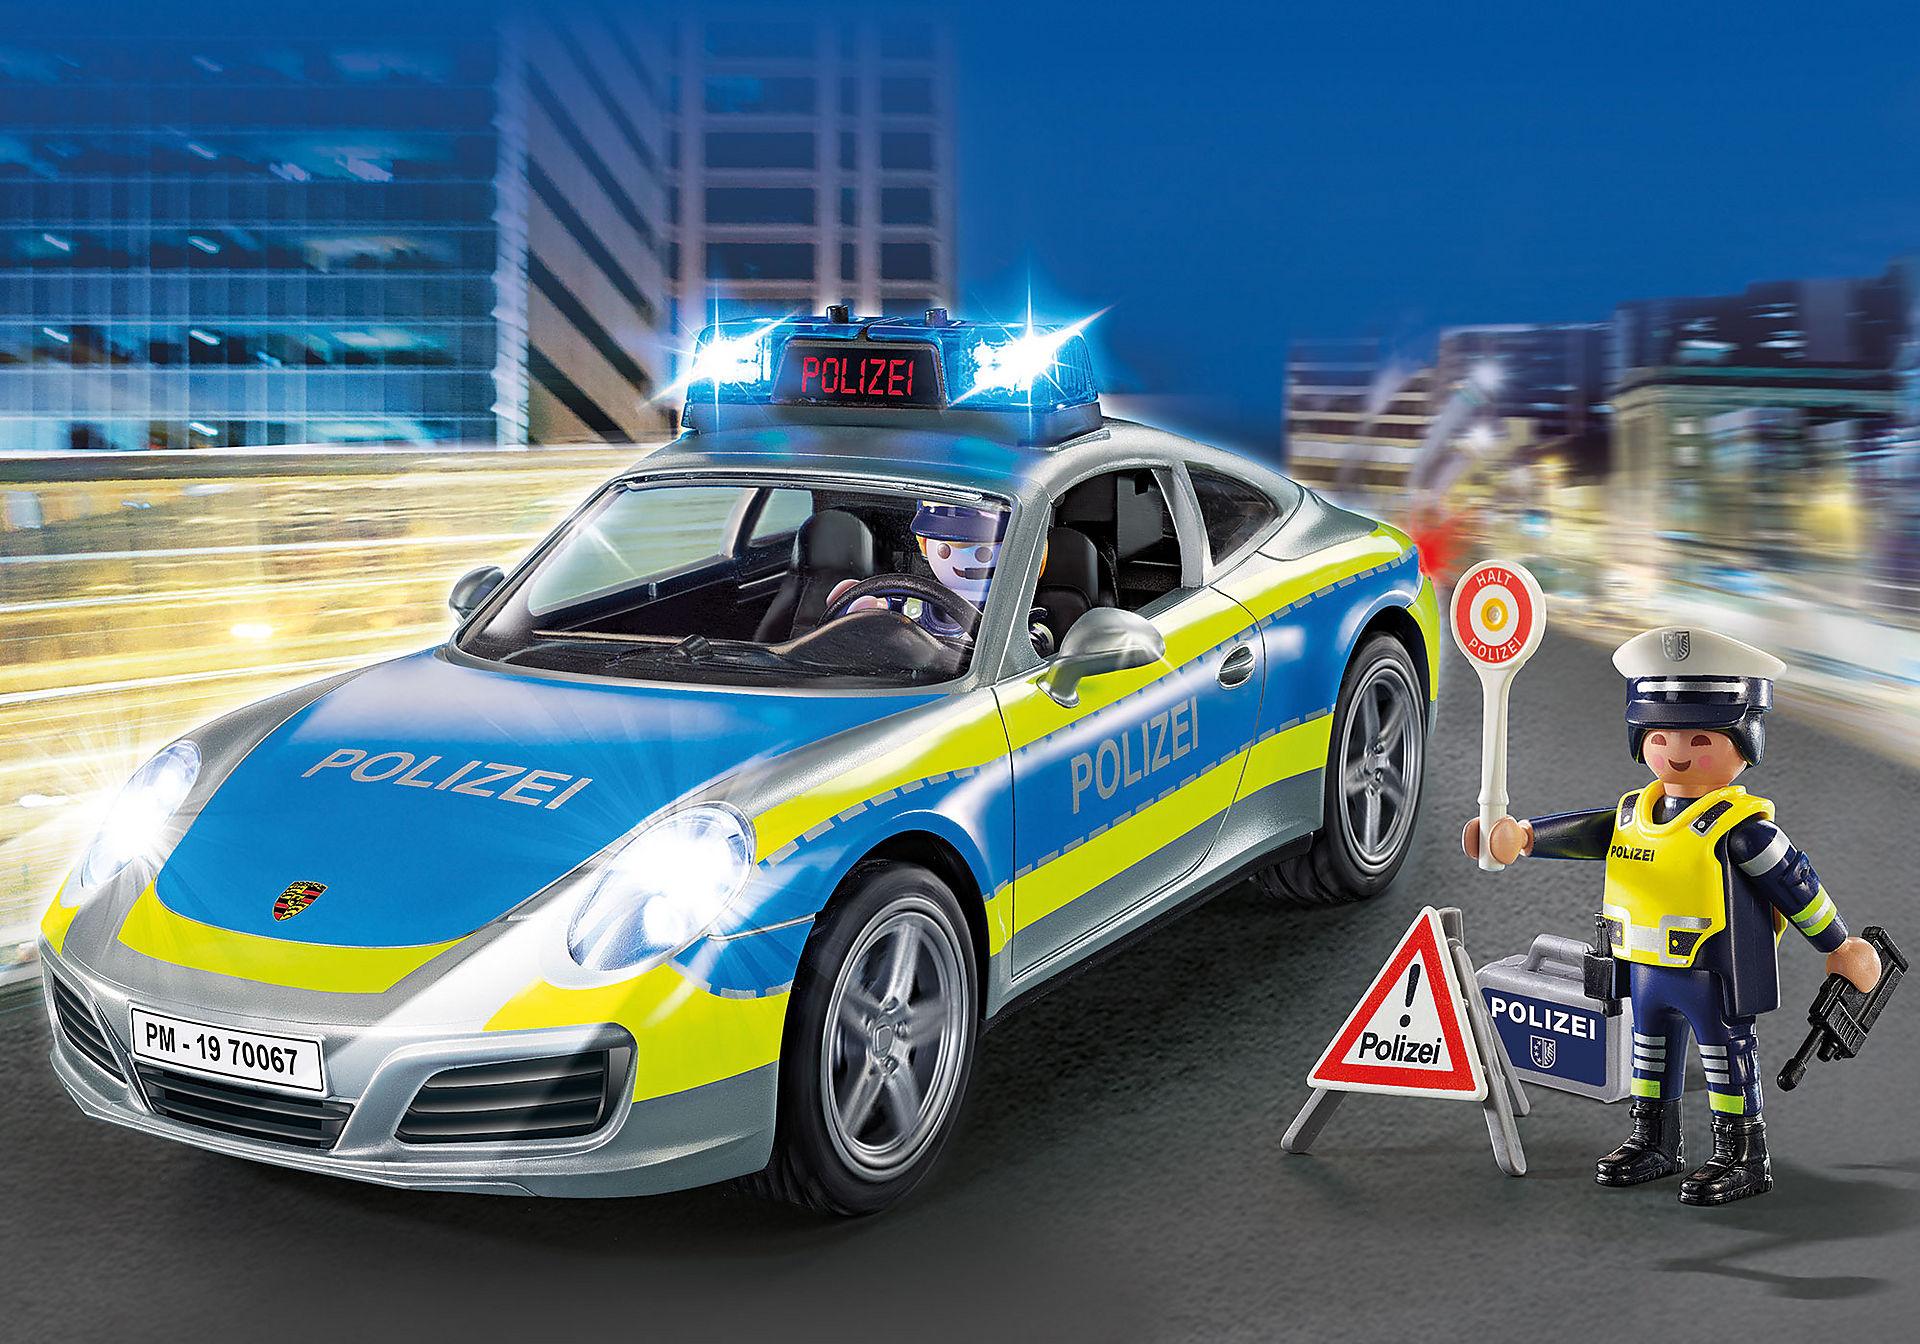 70067 Porsche 911 Carrera 4S Politi- Grå zoom image1